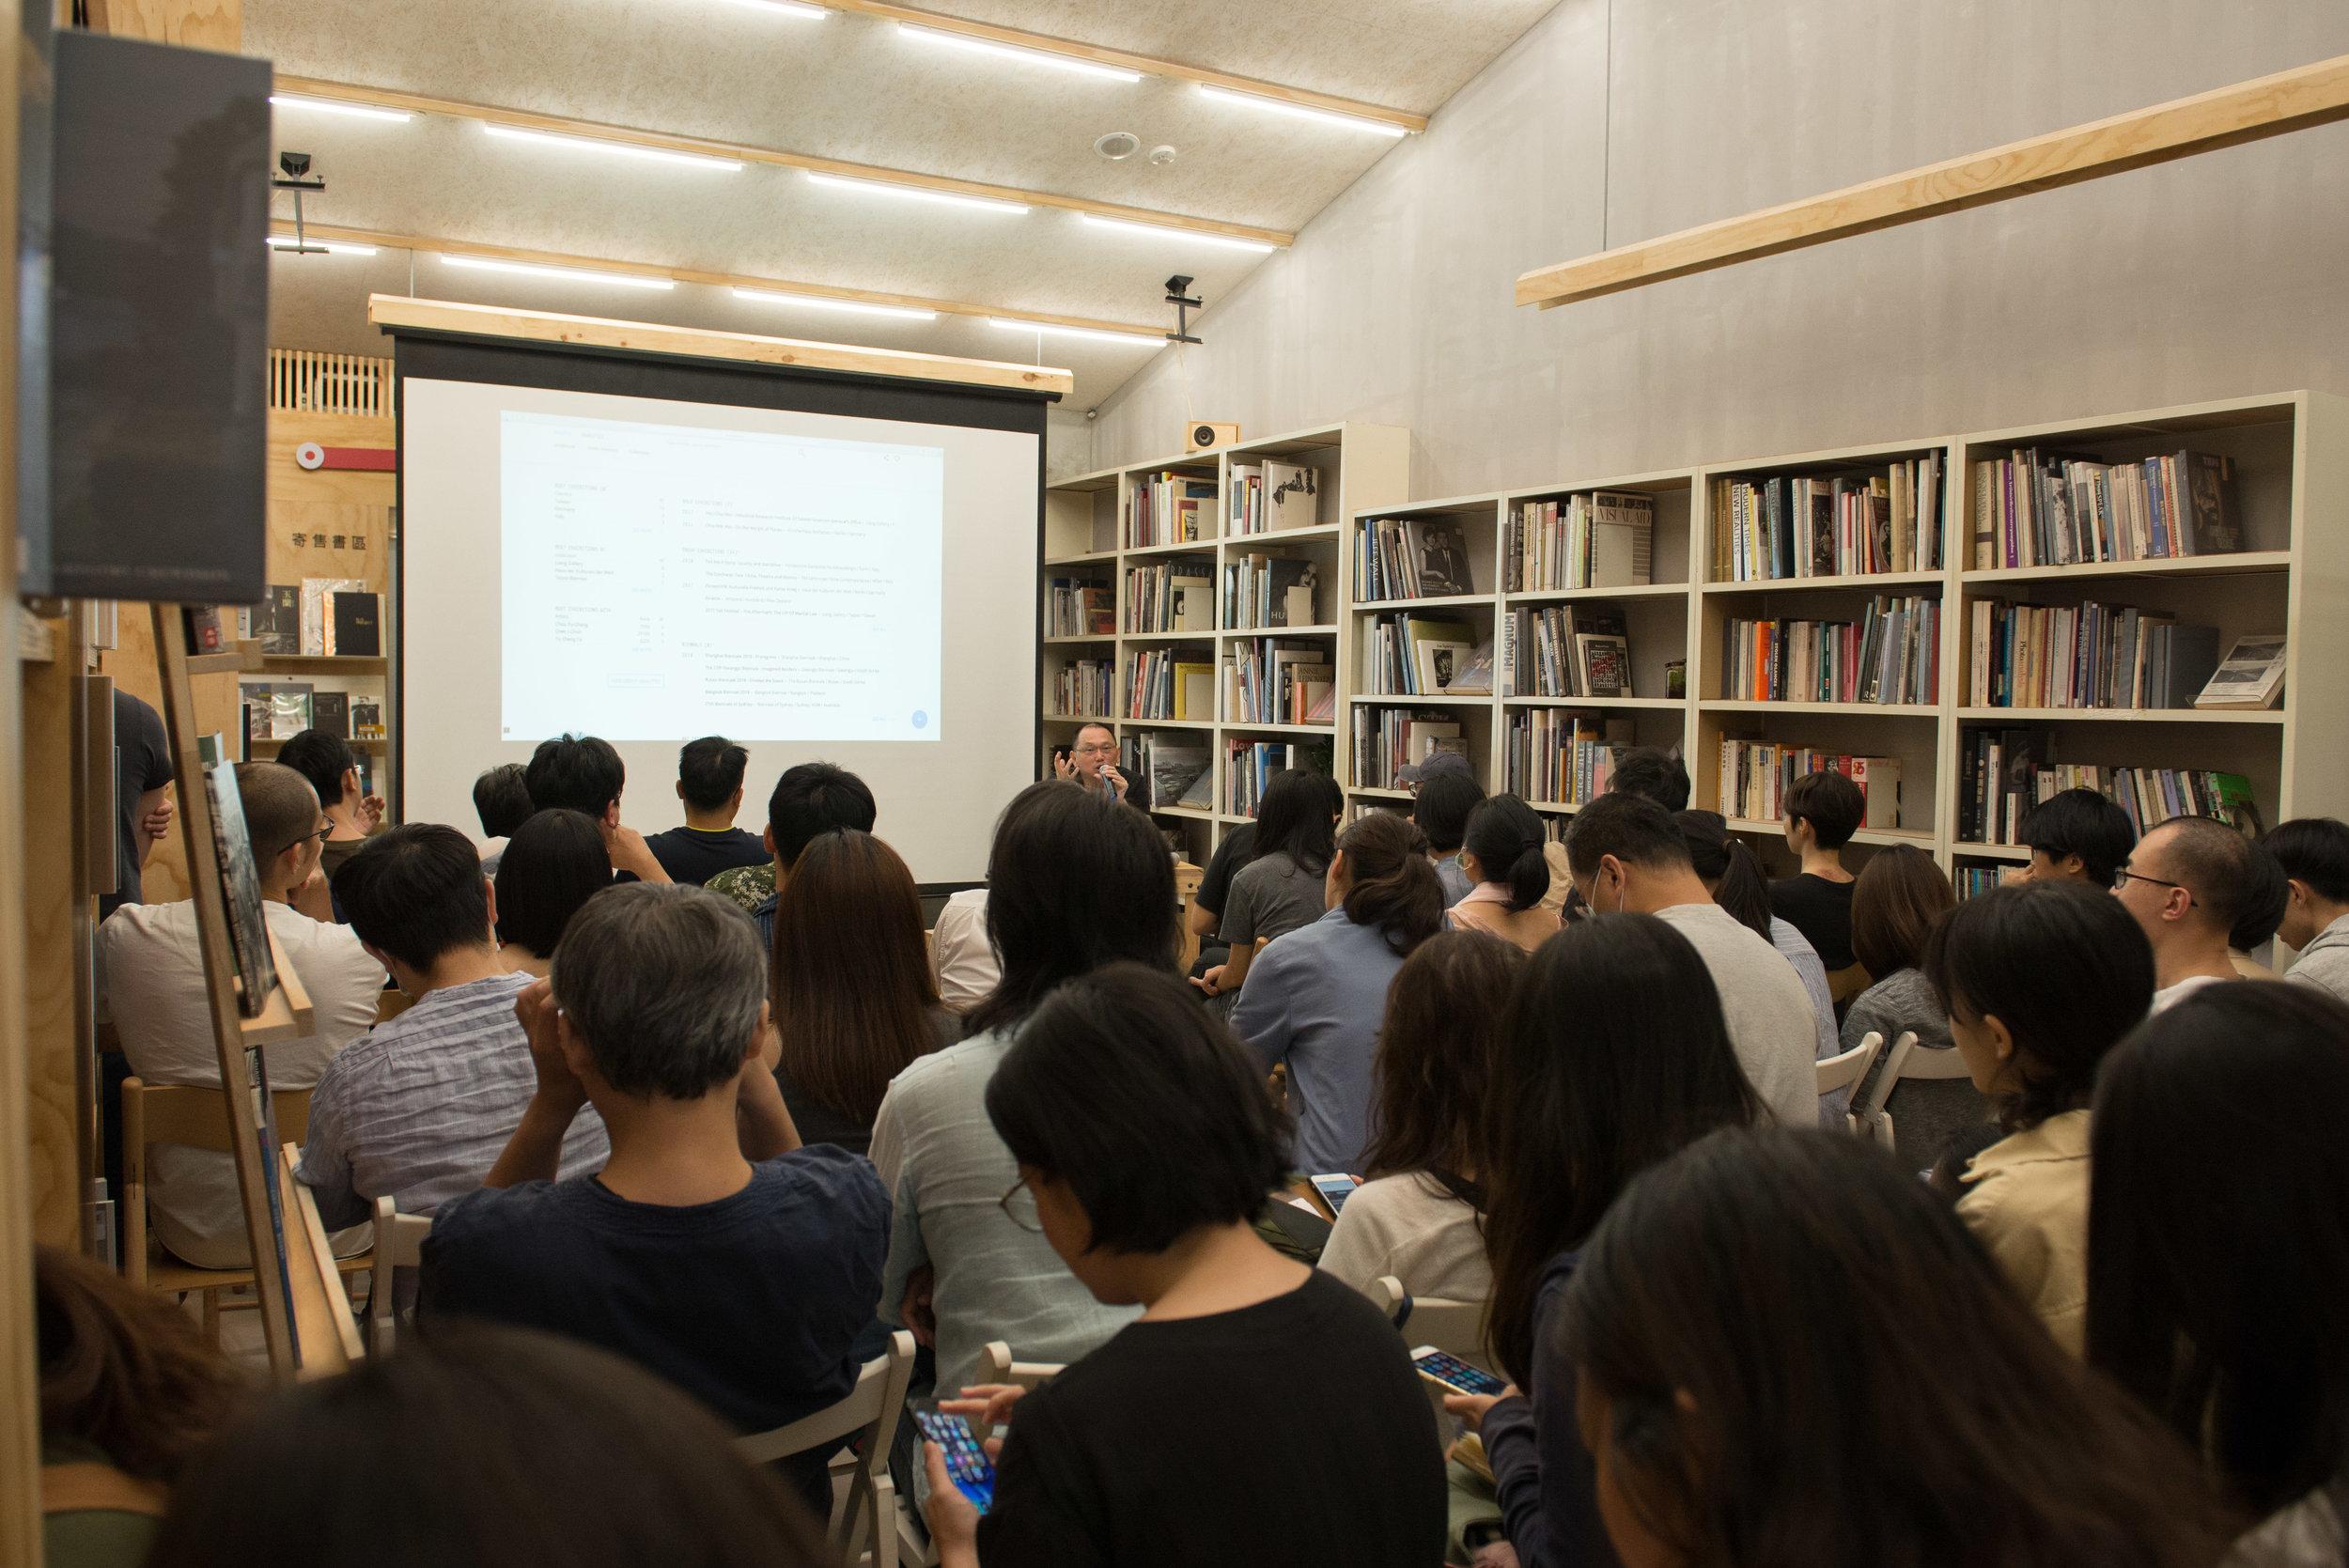 藝術家姚瑞中在Lightbox舉辦講座分享藝術工作經驗_Lightbox攝影圖書室提供-2.jpg